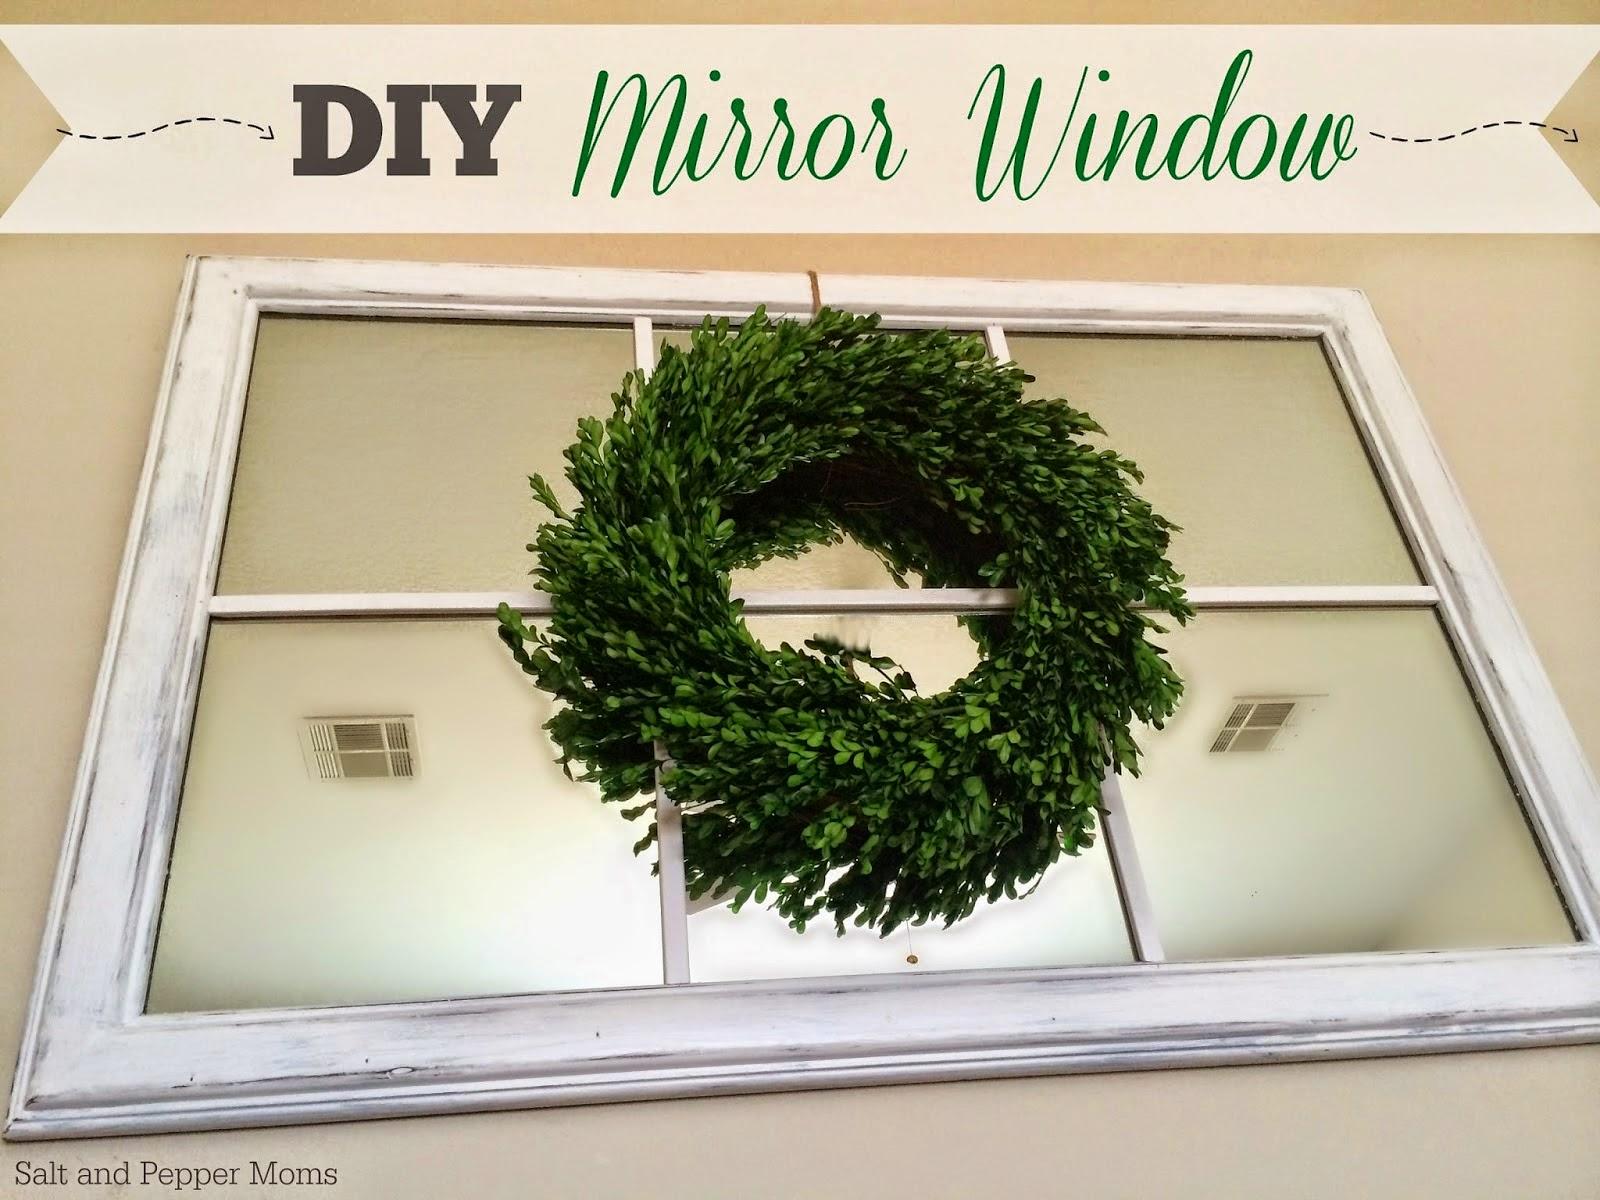 http://saltandpeppermoms.blogspot.com/2014/04/diy-old-mirror-window.html